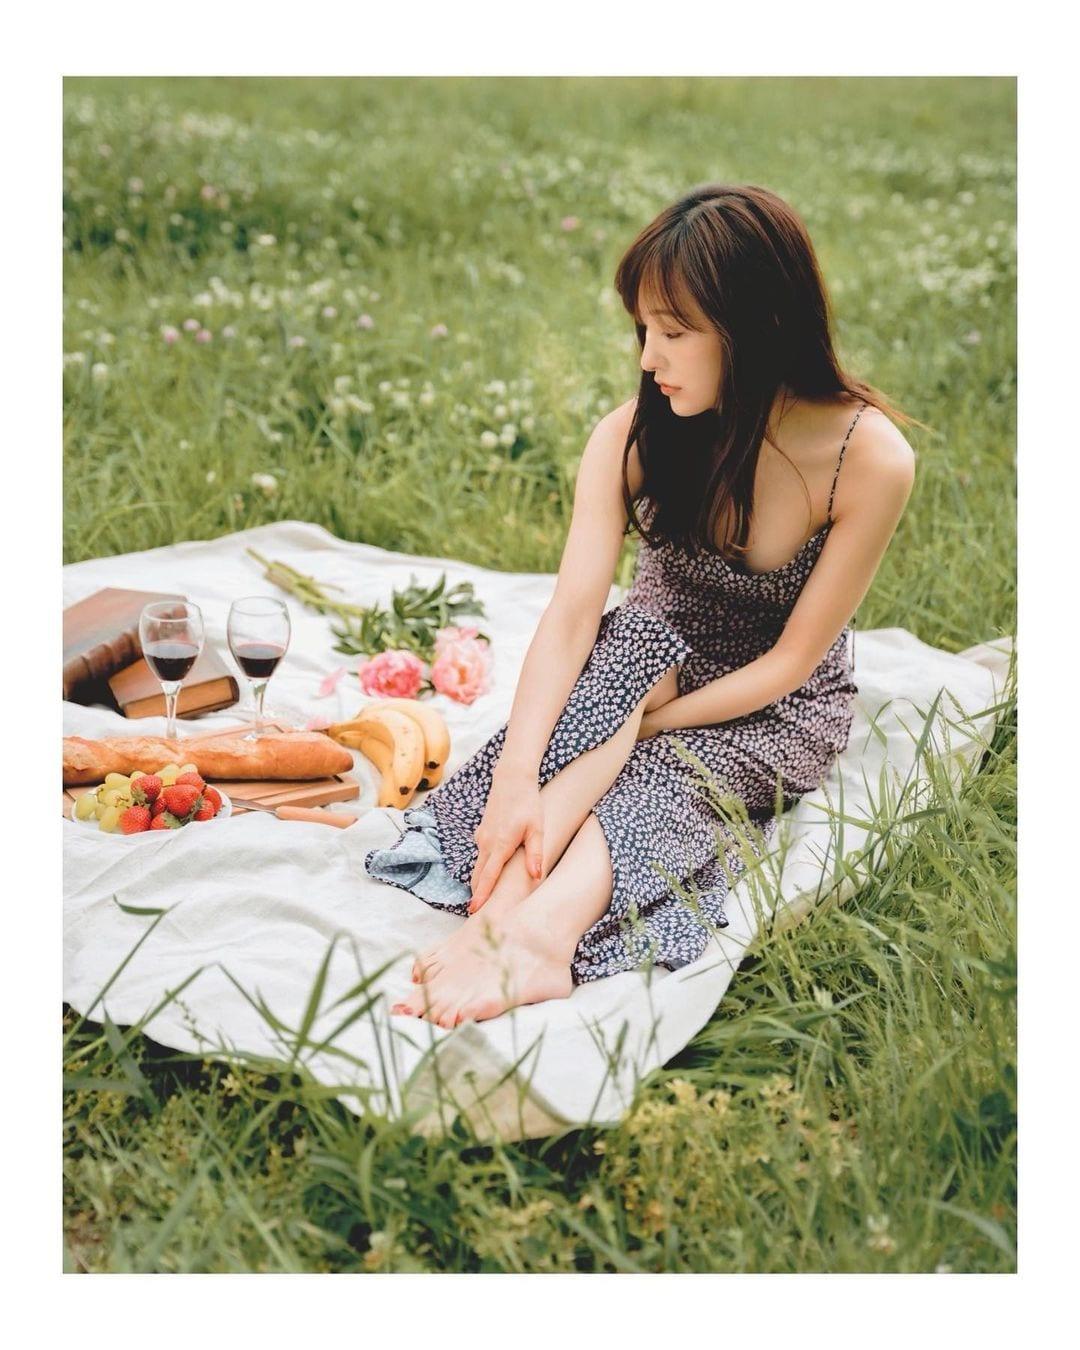 板野友美「胸元セクシーなキャミワンピ」ピクニックの様子を公開【画像4枚】の画像003